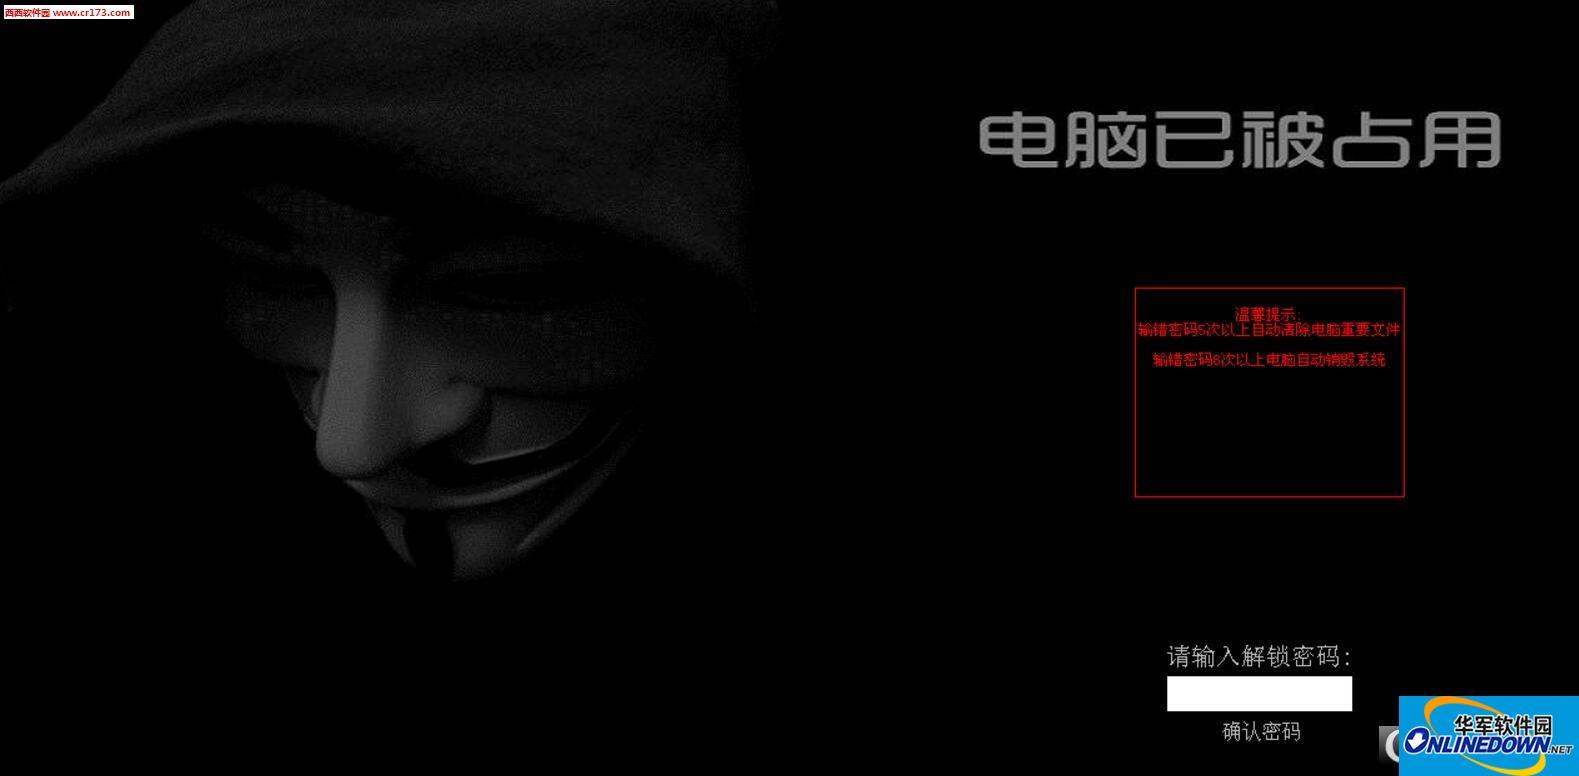 炫酷黑客界面电脑锁机源码+成品软件